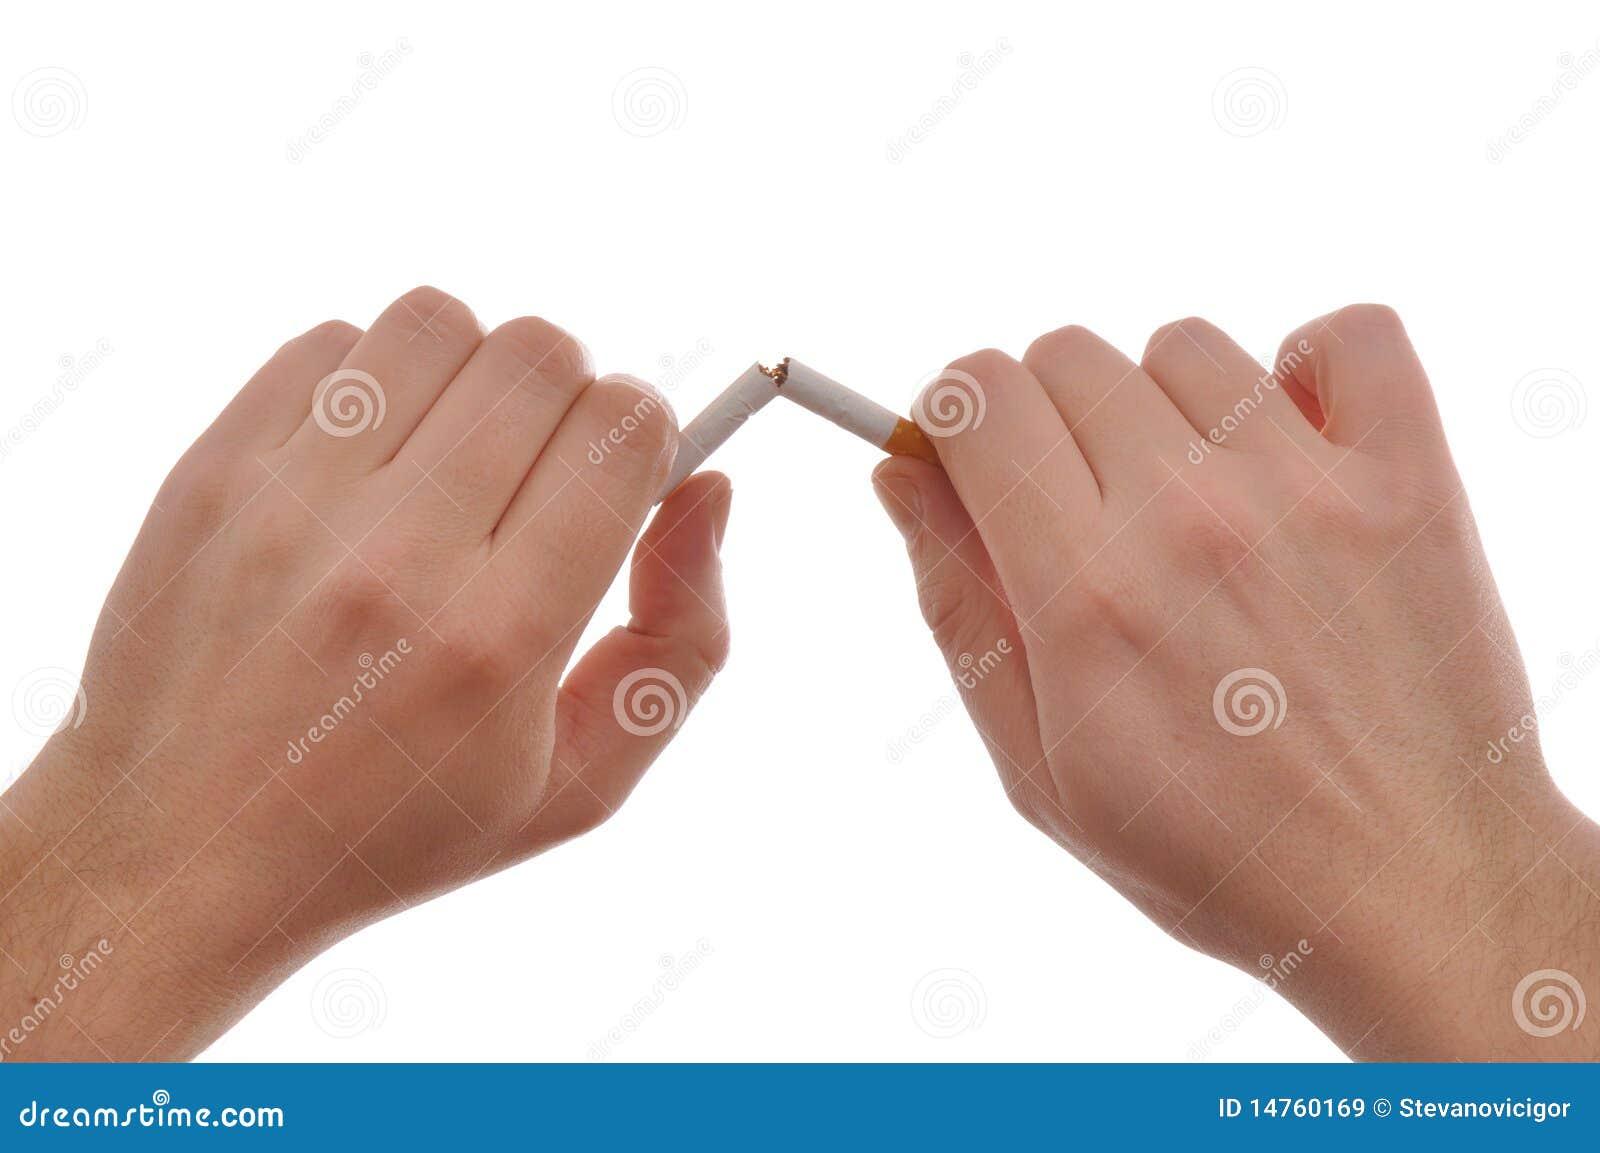 Как бросить курить битва экстрасенсов война миров